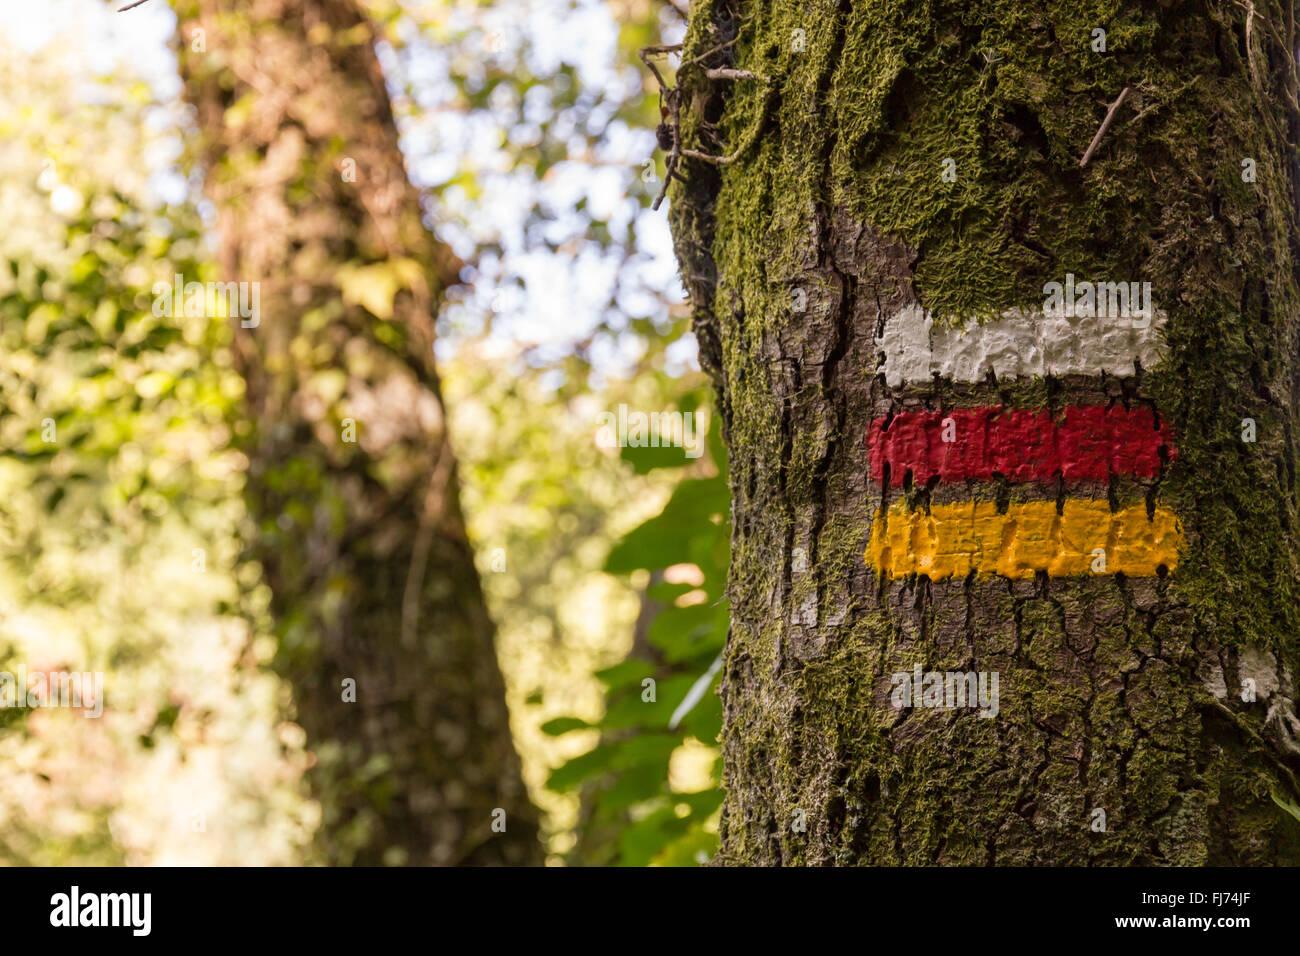 hiking marks on tree marking correct direction - Stock Image